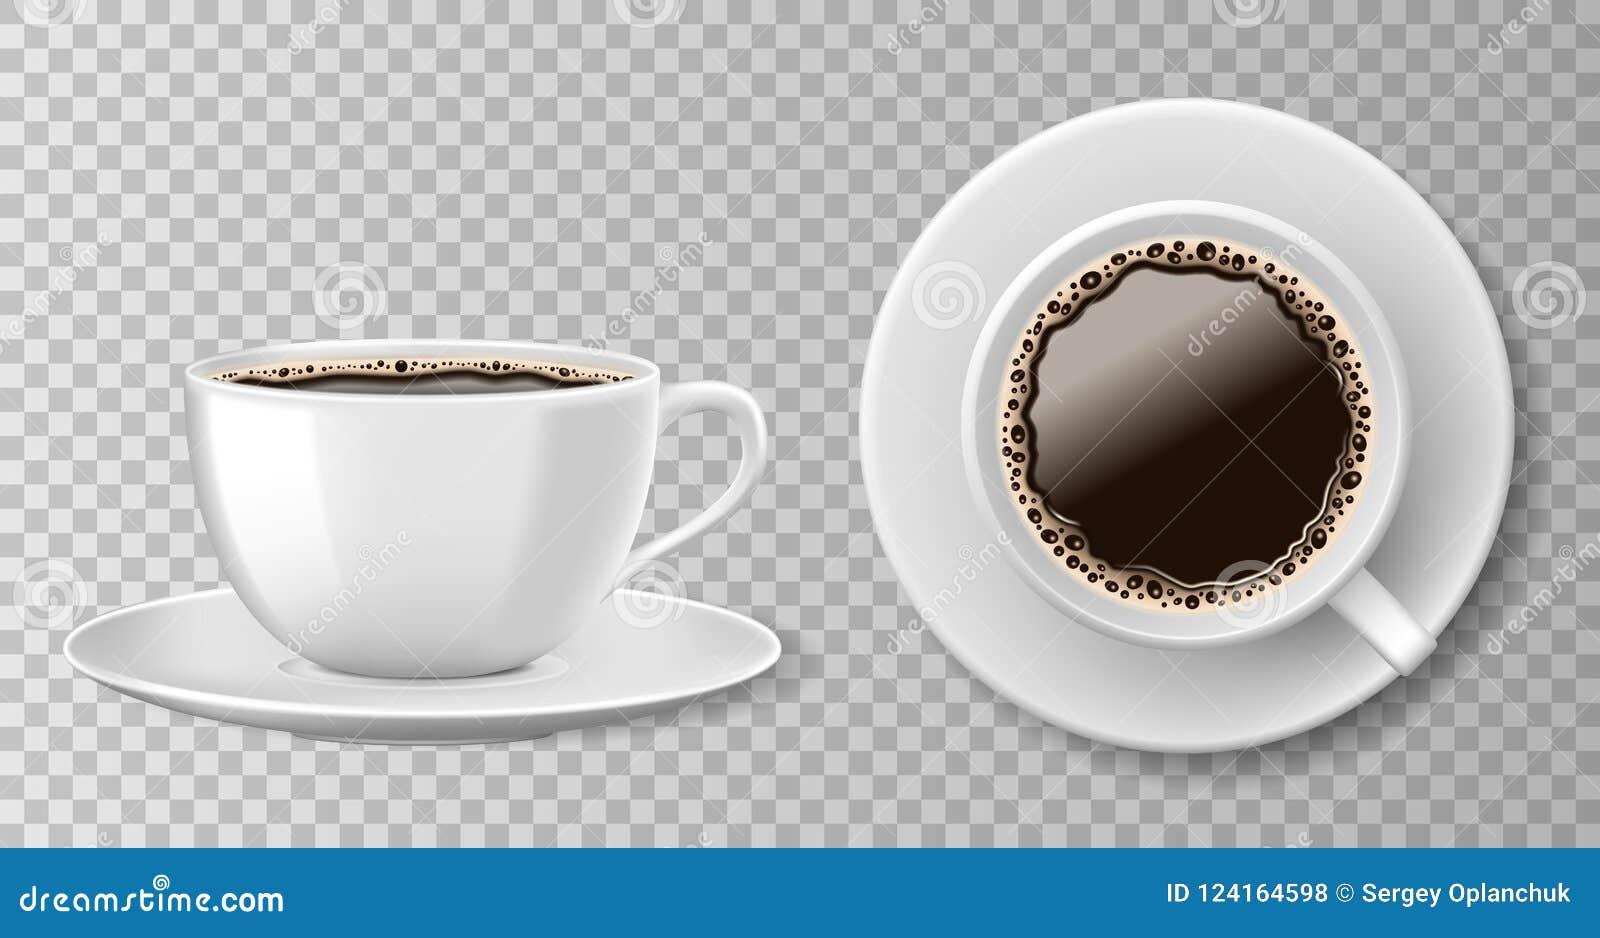 Realistycznej filiżanki odgórny widok odizolowywający na przejrzystym tle Biały pusty kubek z czarną kawą i spodeczkiem wektor